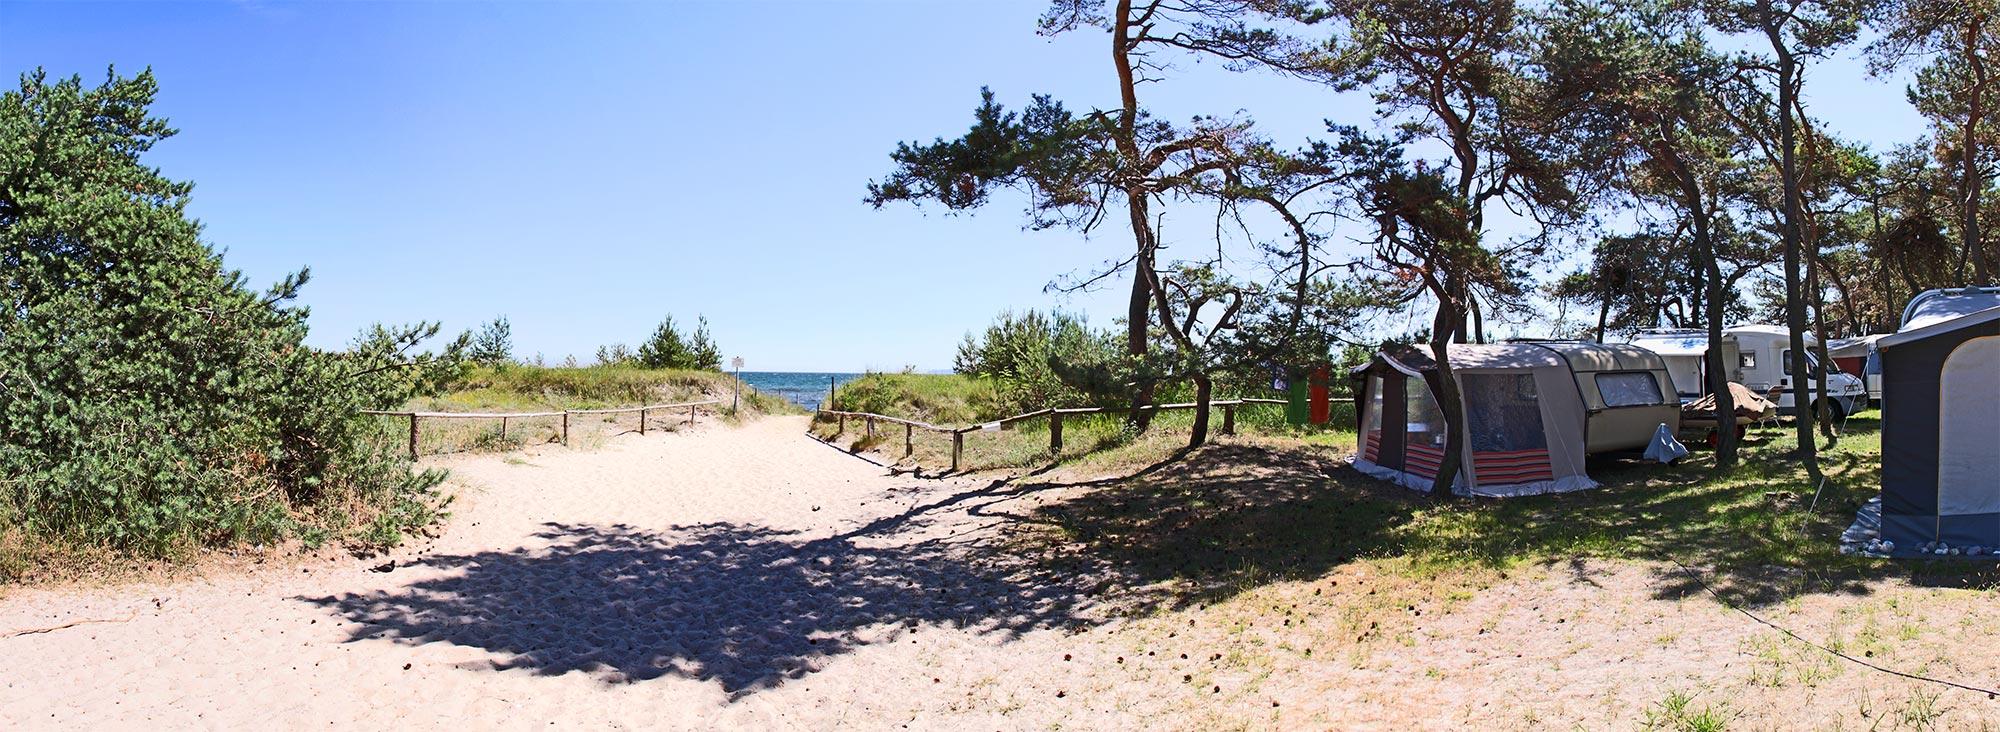 schönster campingplatz nordsee